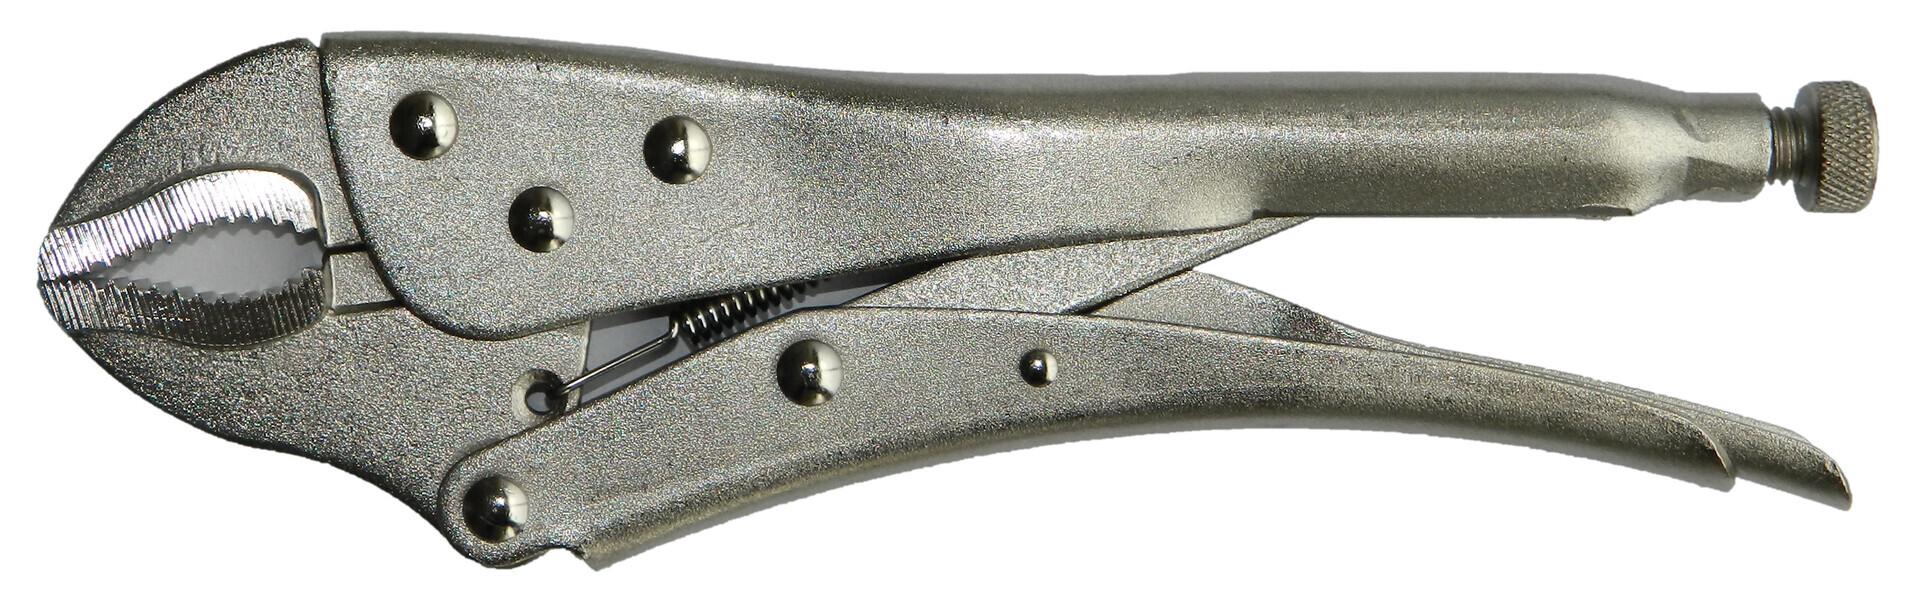 Rychloupínací, samosvorné kleště 250 mm, oblé čelisti - QUATROS QS53018